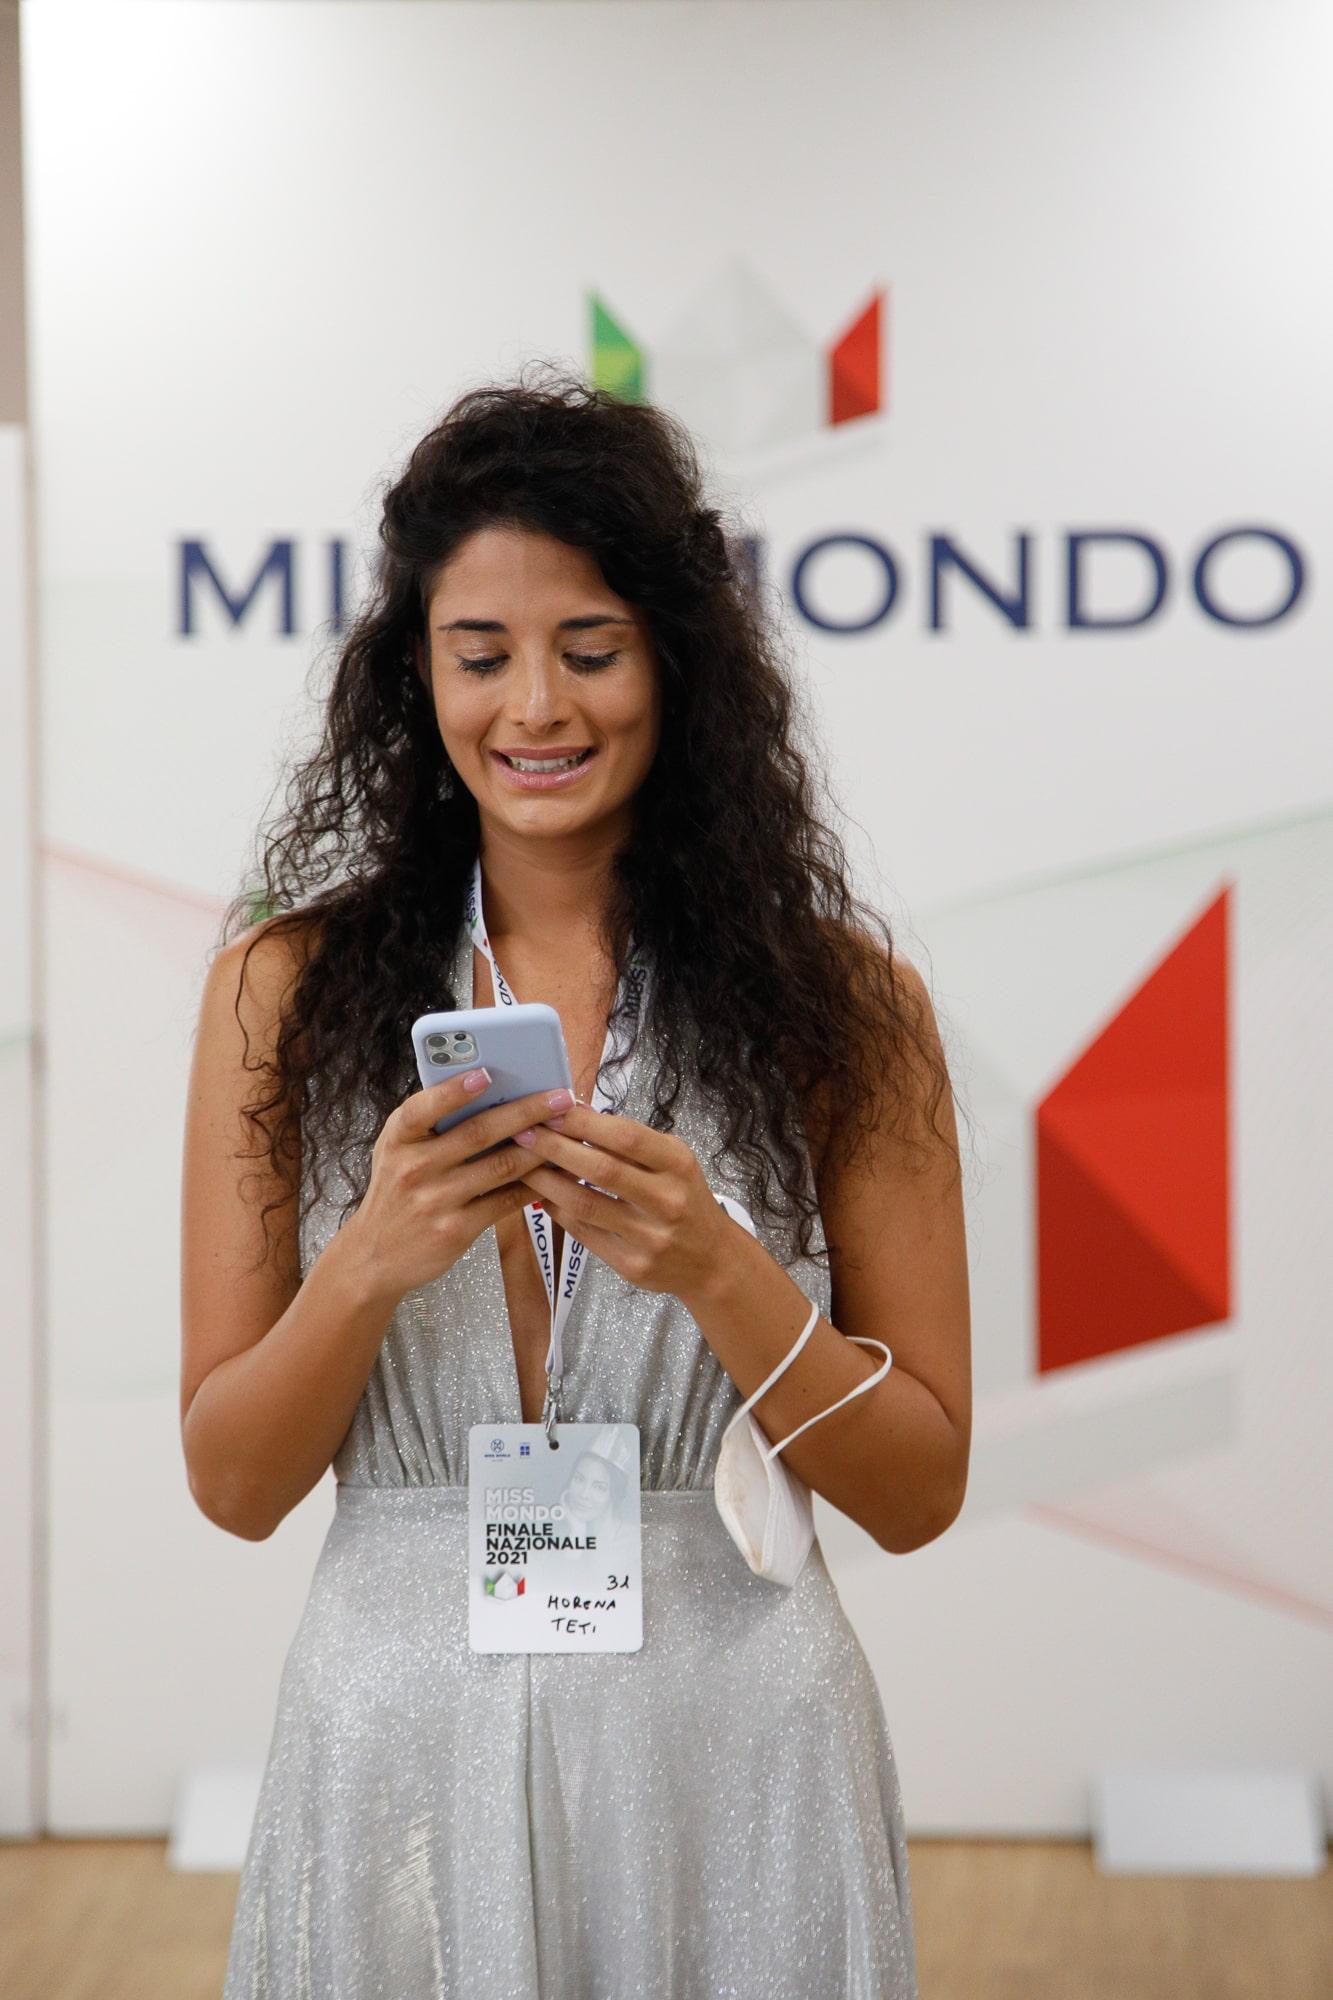 Finale nazione Miss Mondo Italia 2021 Audizione Talent 2 - 1